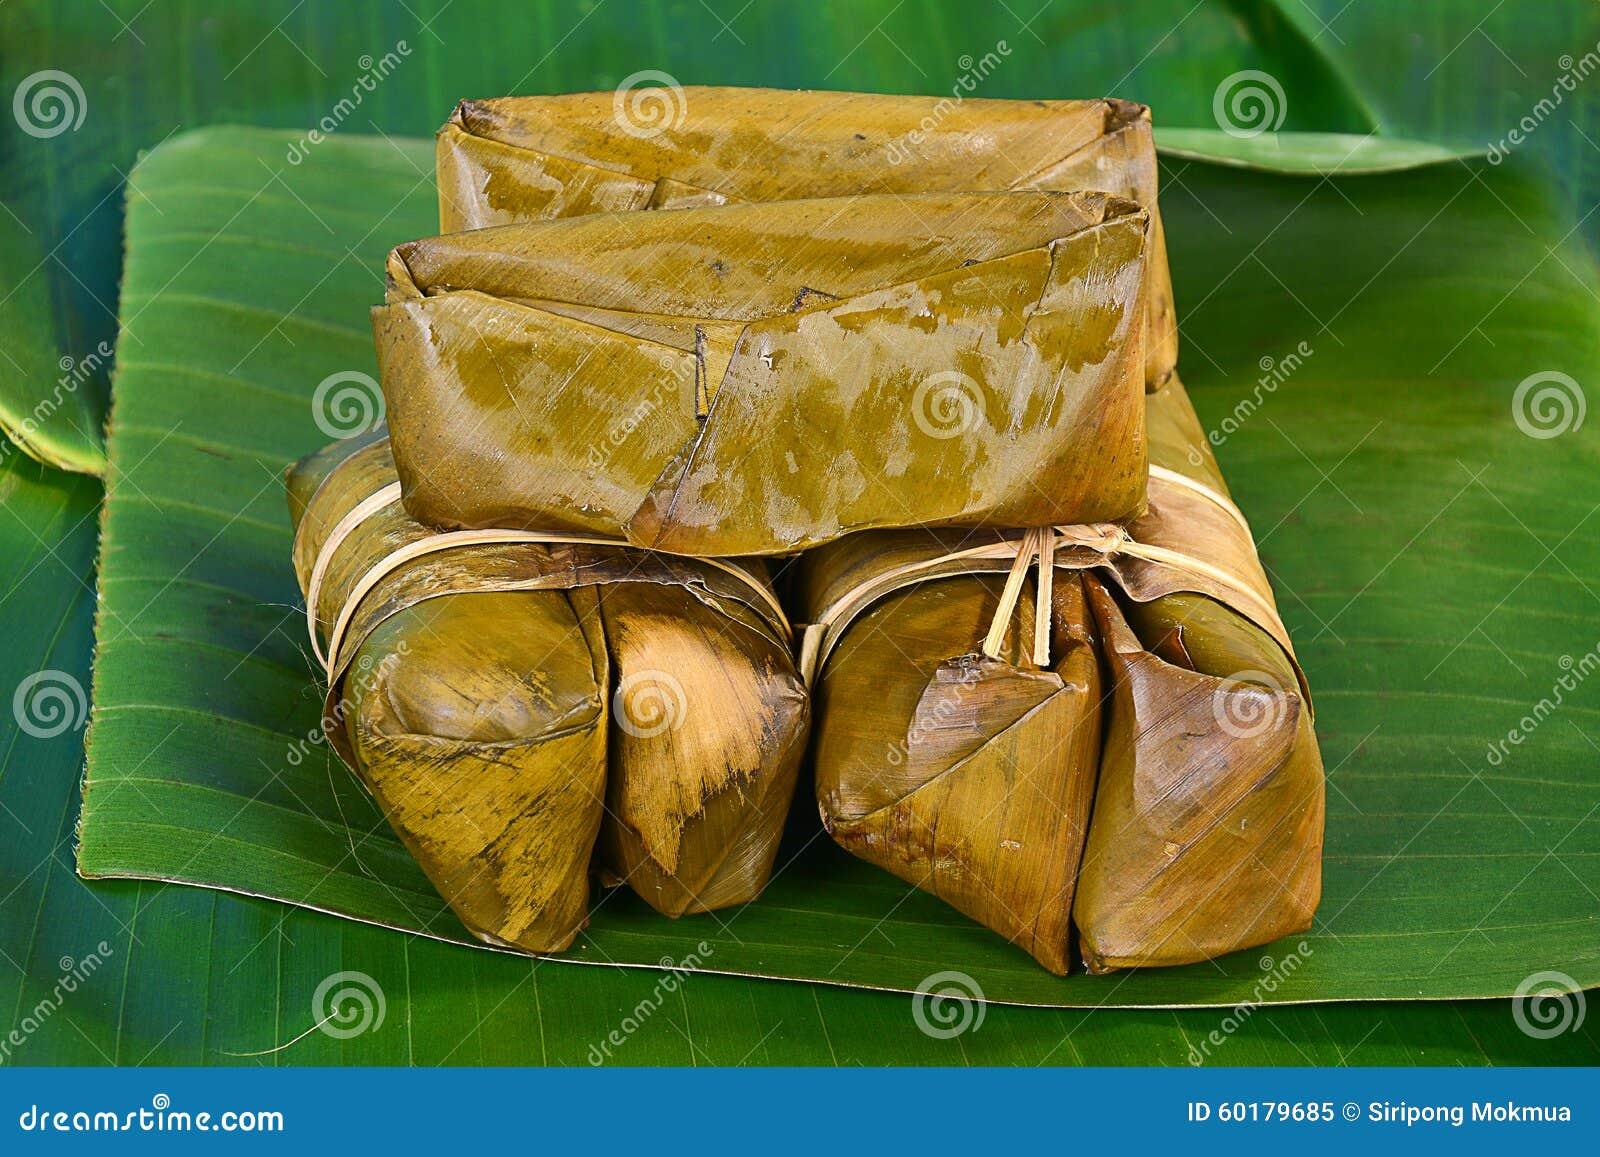 Groupe thaïlandais de bonbons de bouillie de maïs sur la feuille de banane